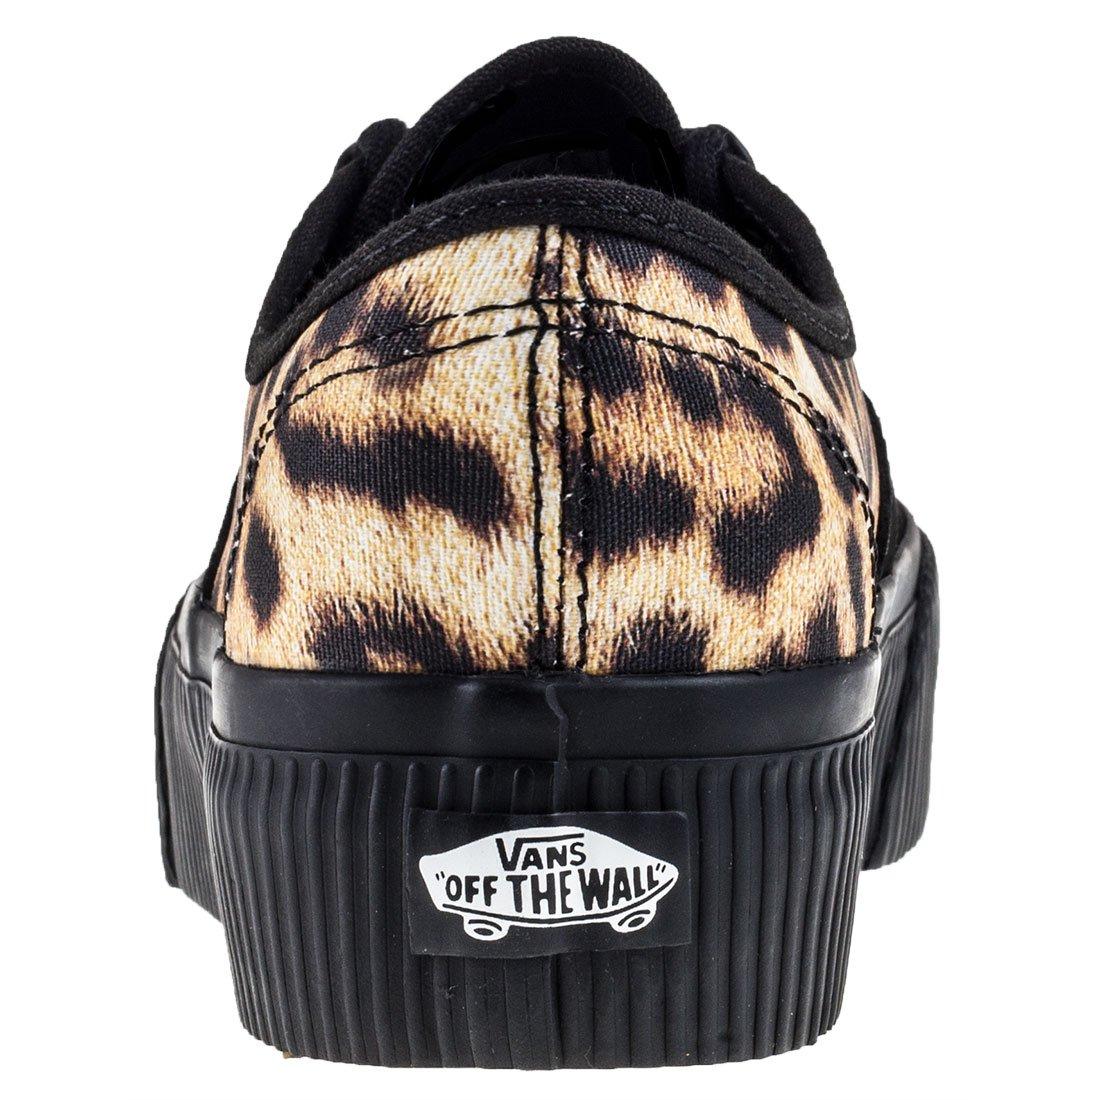 1b32f1a7c Vans Authentic Platform 2.0 Zapatillas Negro-Leopardo EU40  Amazon.es   Zapatos y complementos